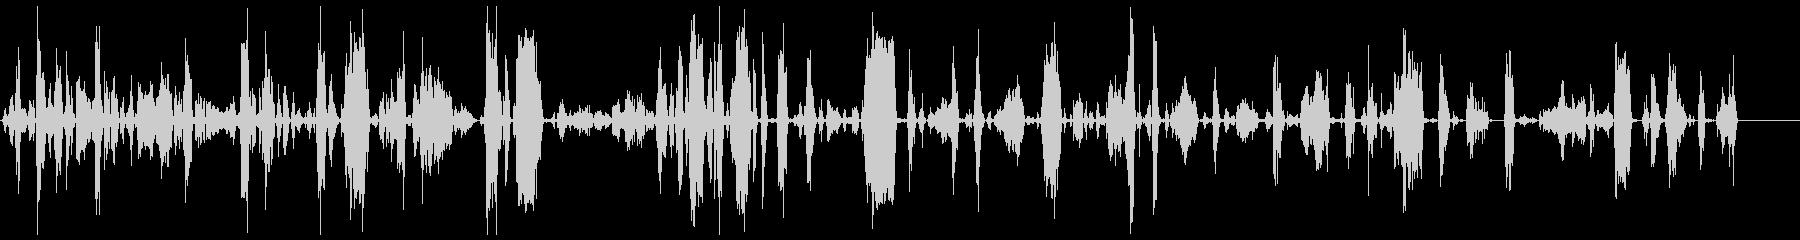 モンスター、タイプB、アグレッシブ2の未再生の波形